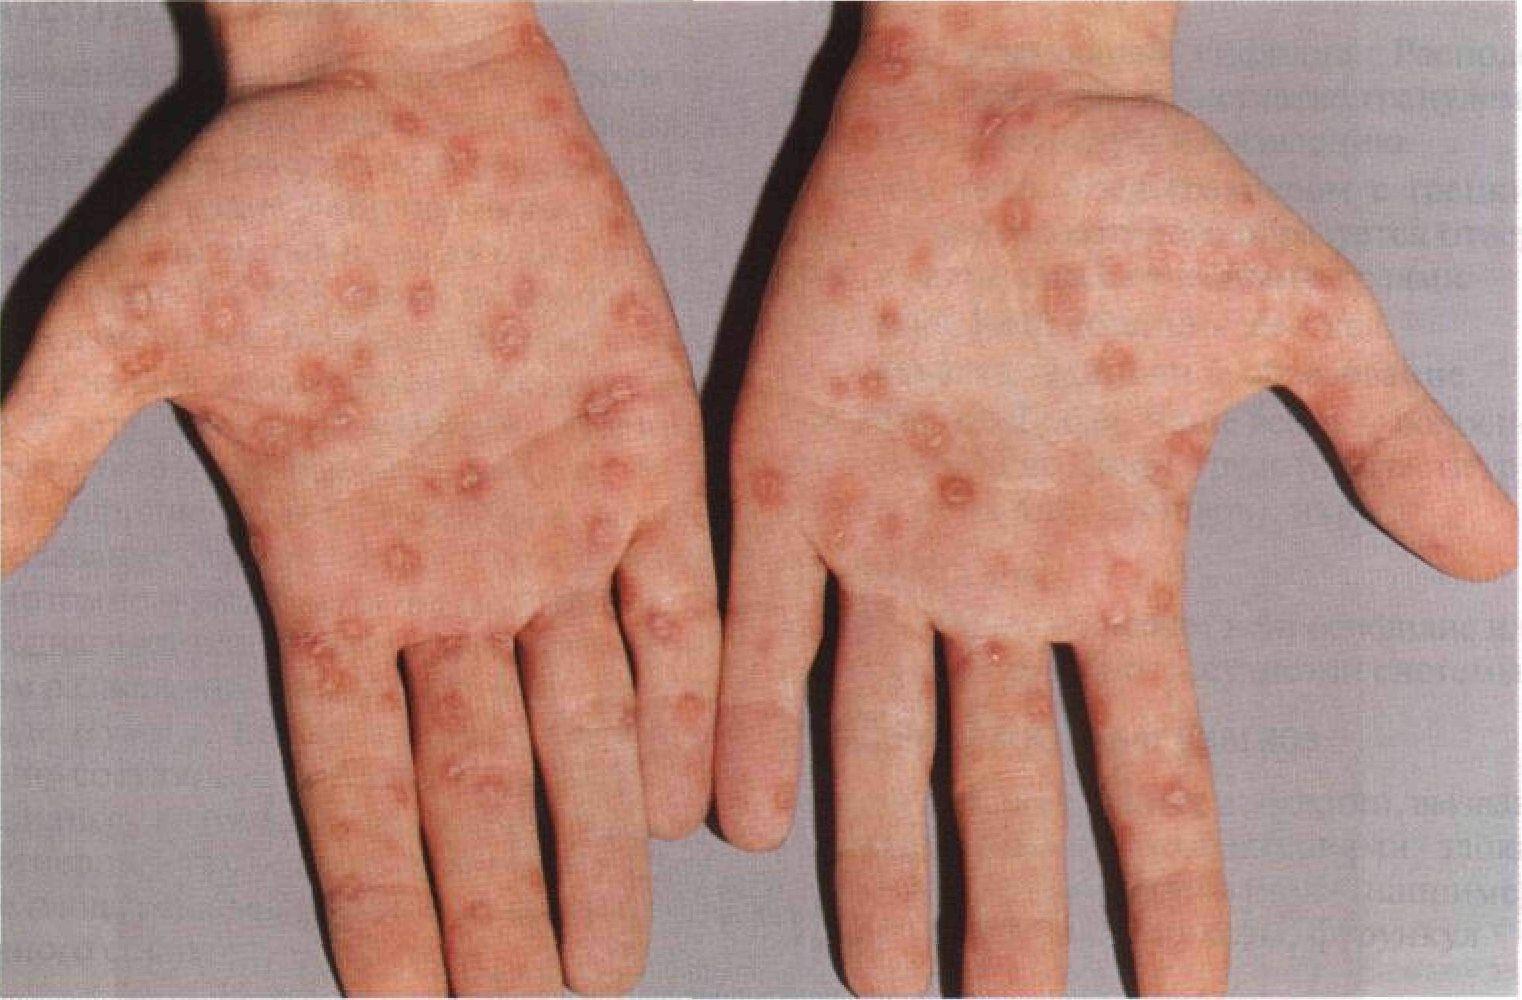 Как распознать сифилис: симптомы, стадии развития, диагностика